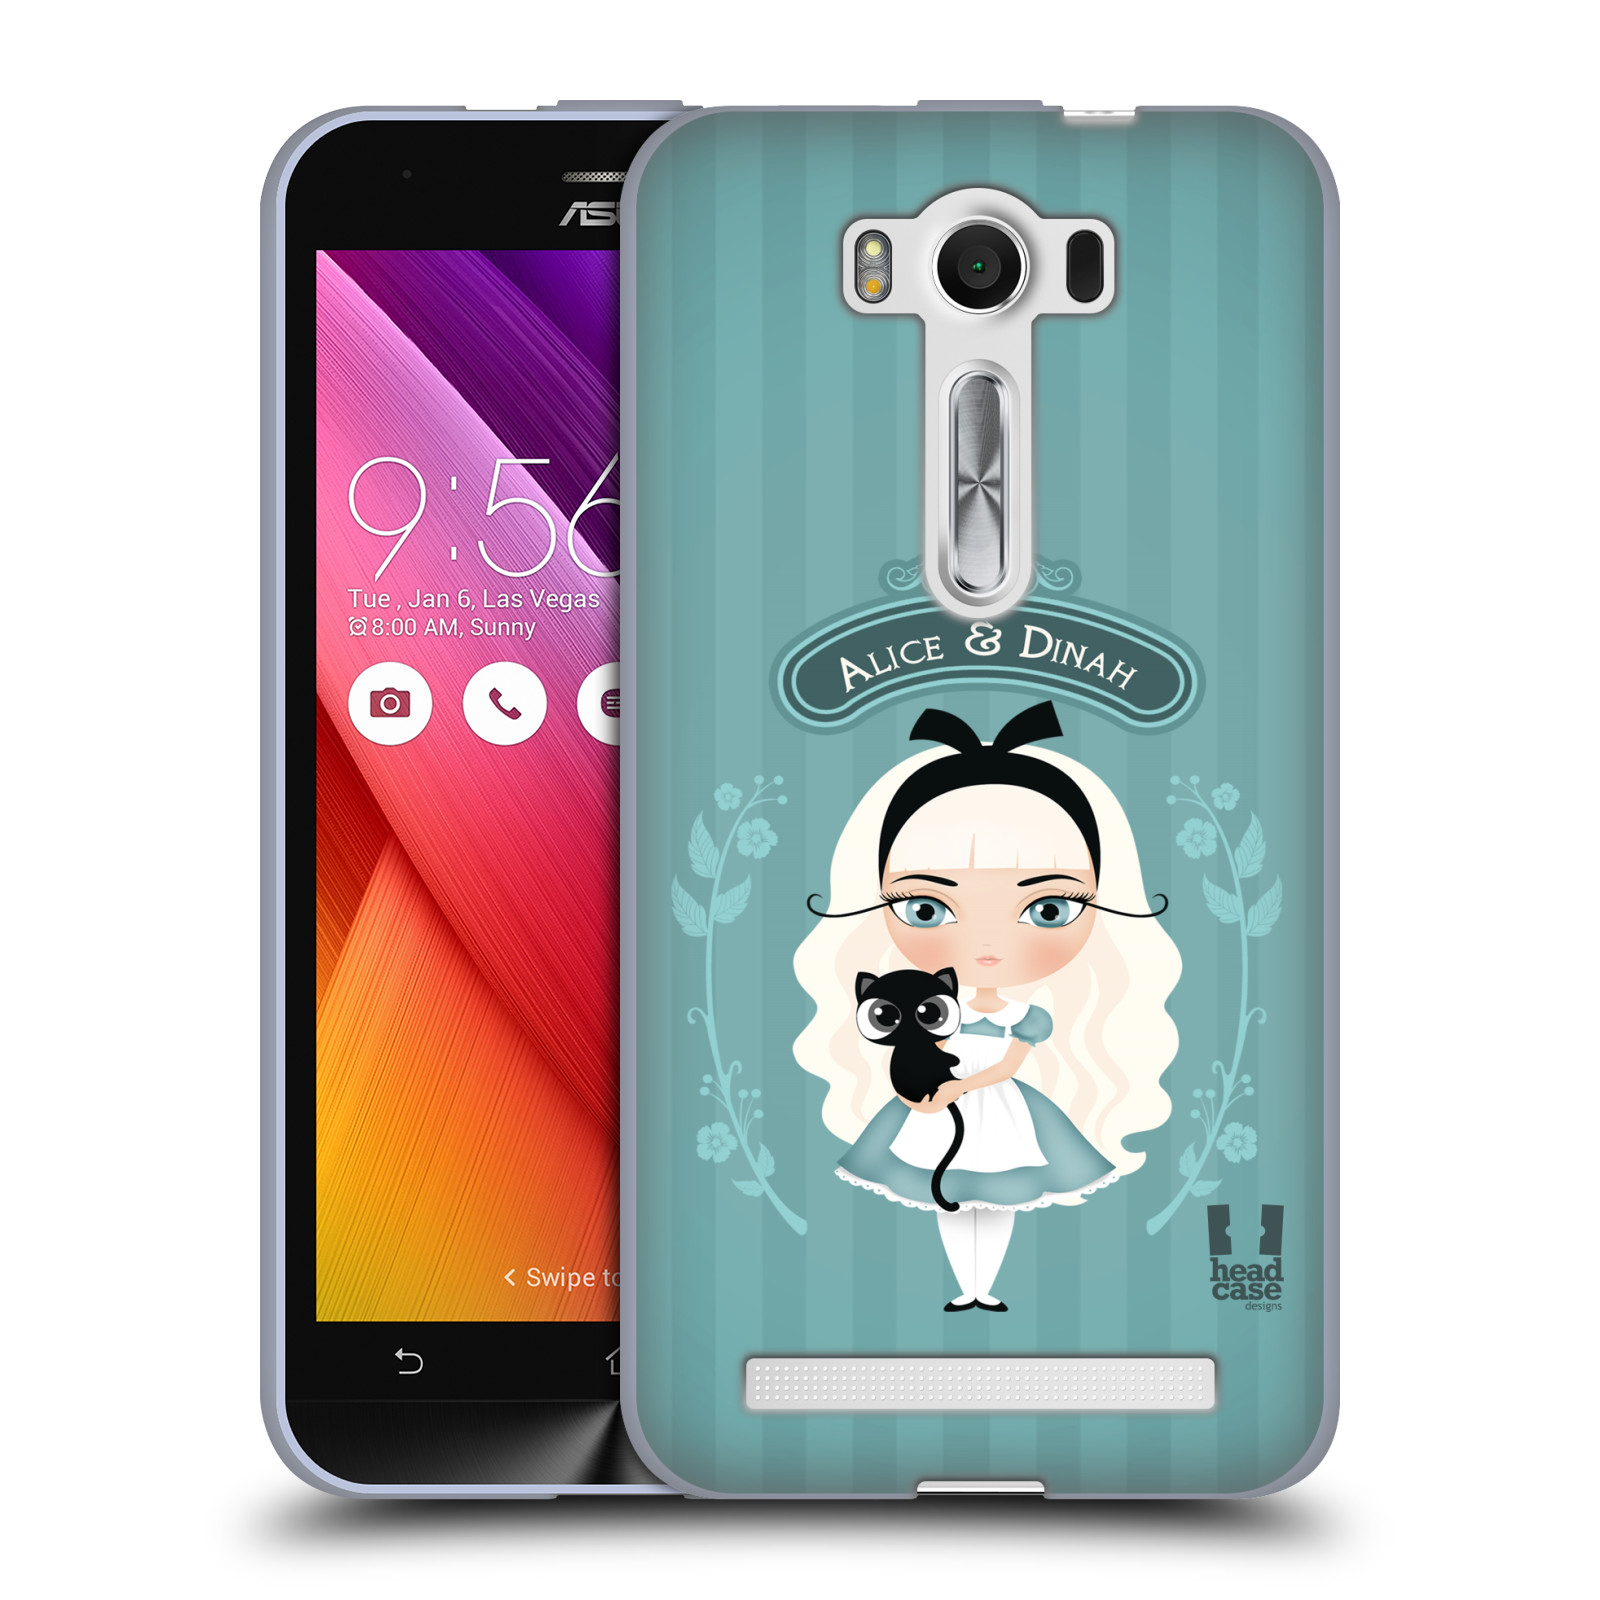 """HEAD CASE silikonový obal na mobil Asus Zenfone 2 LASER (ZE500KL s 5"""" displejem) vzor Alenka v říši divů Alenka"""